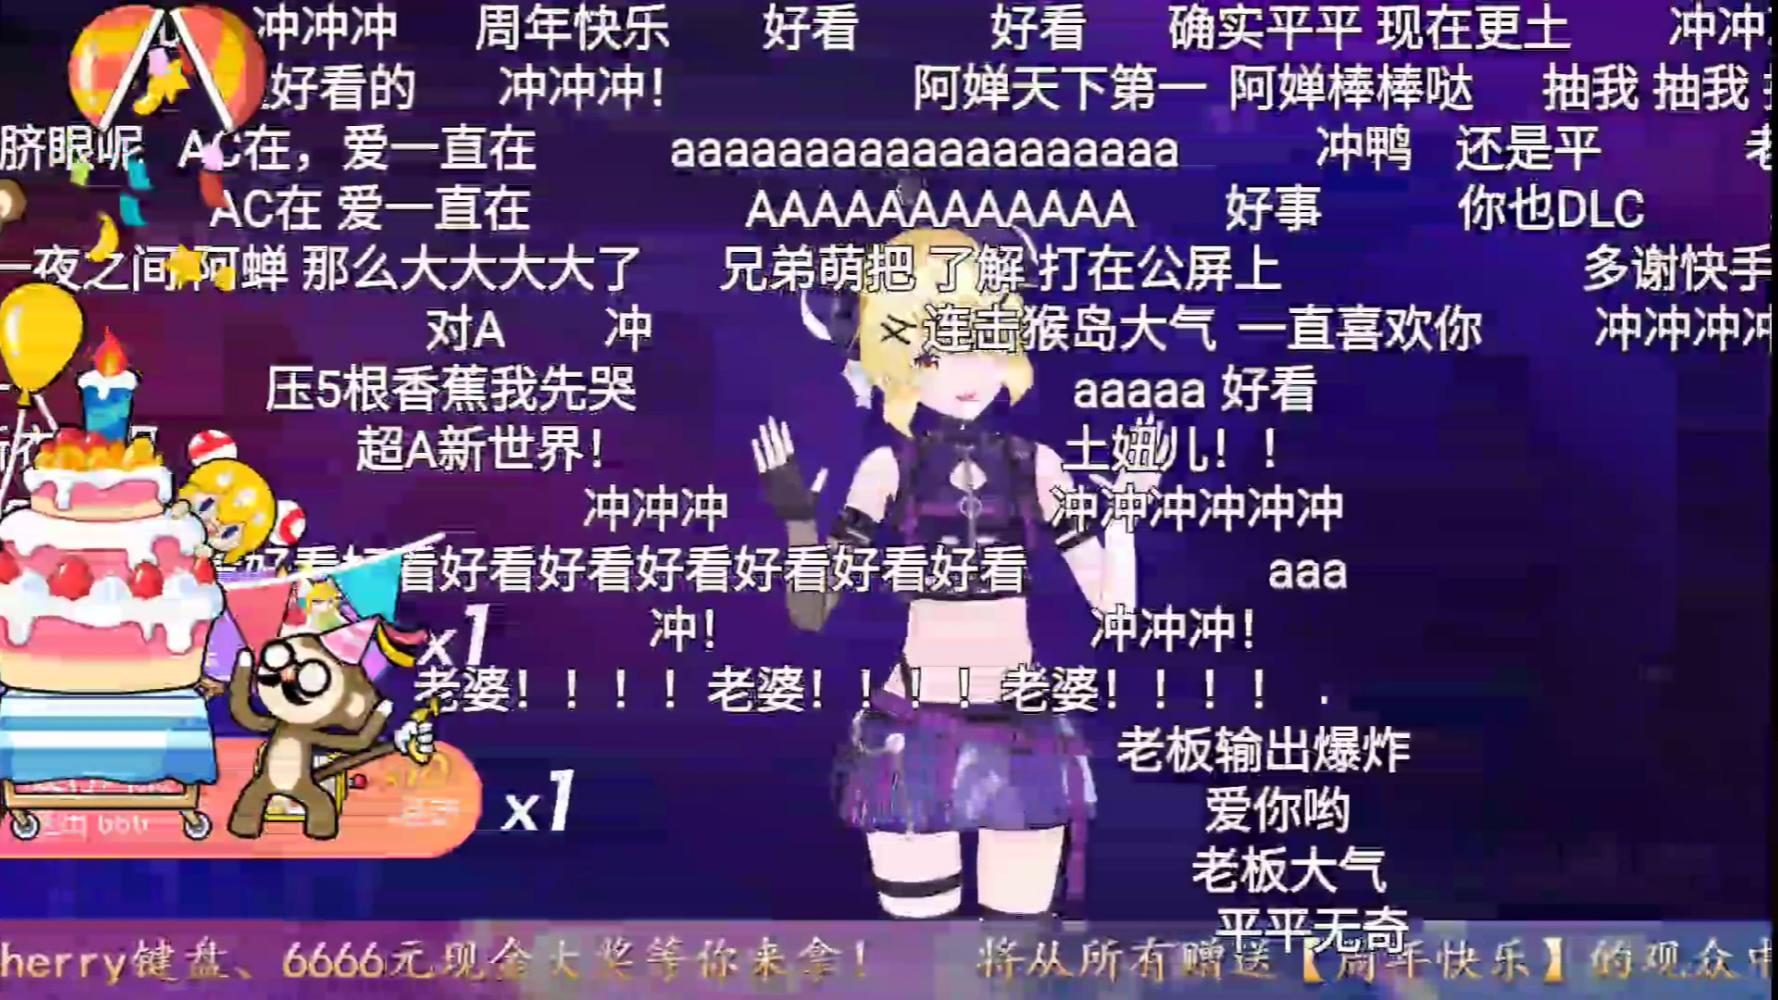 土妞录播 20200616 AcFun13周年生日快乐!